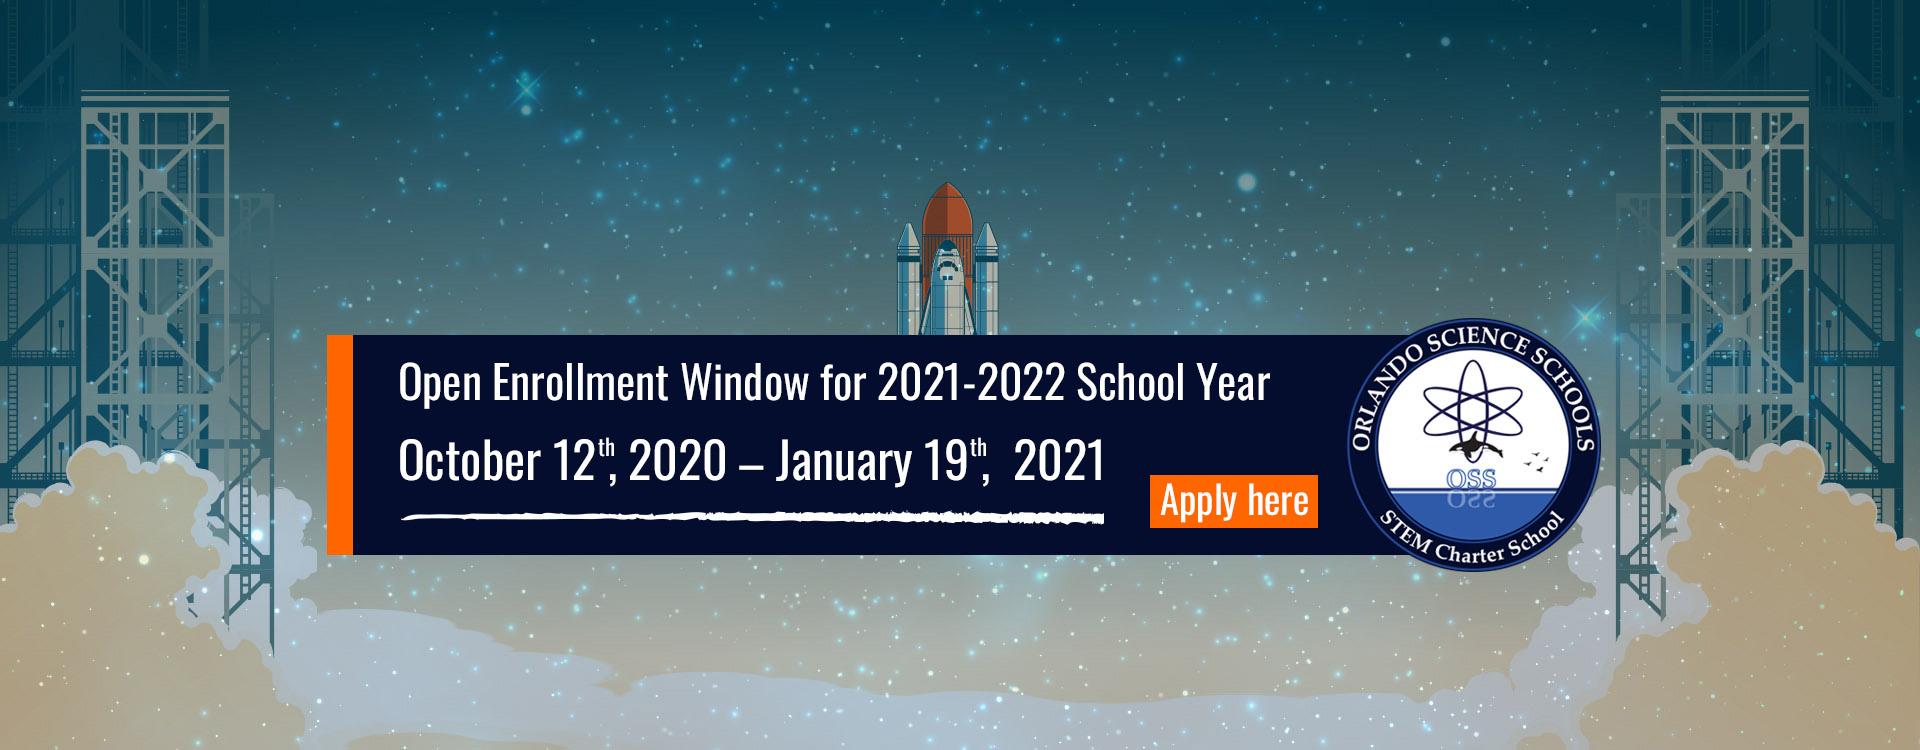 Online-Application-Window-HighSchool